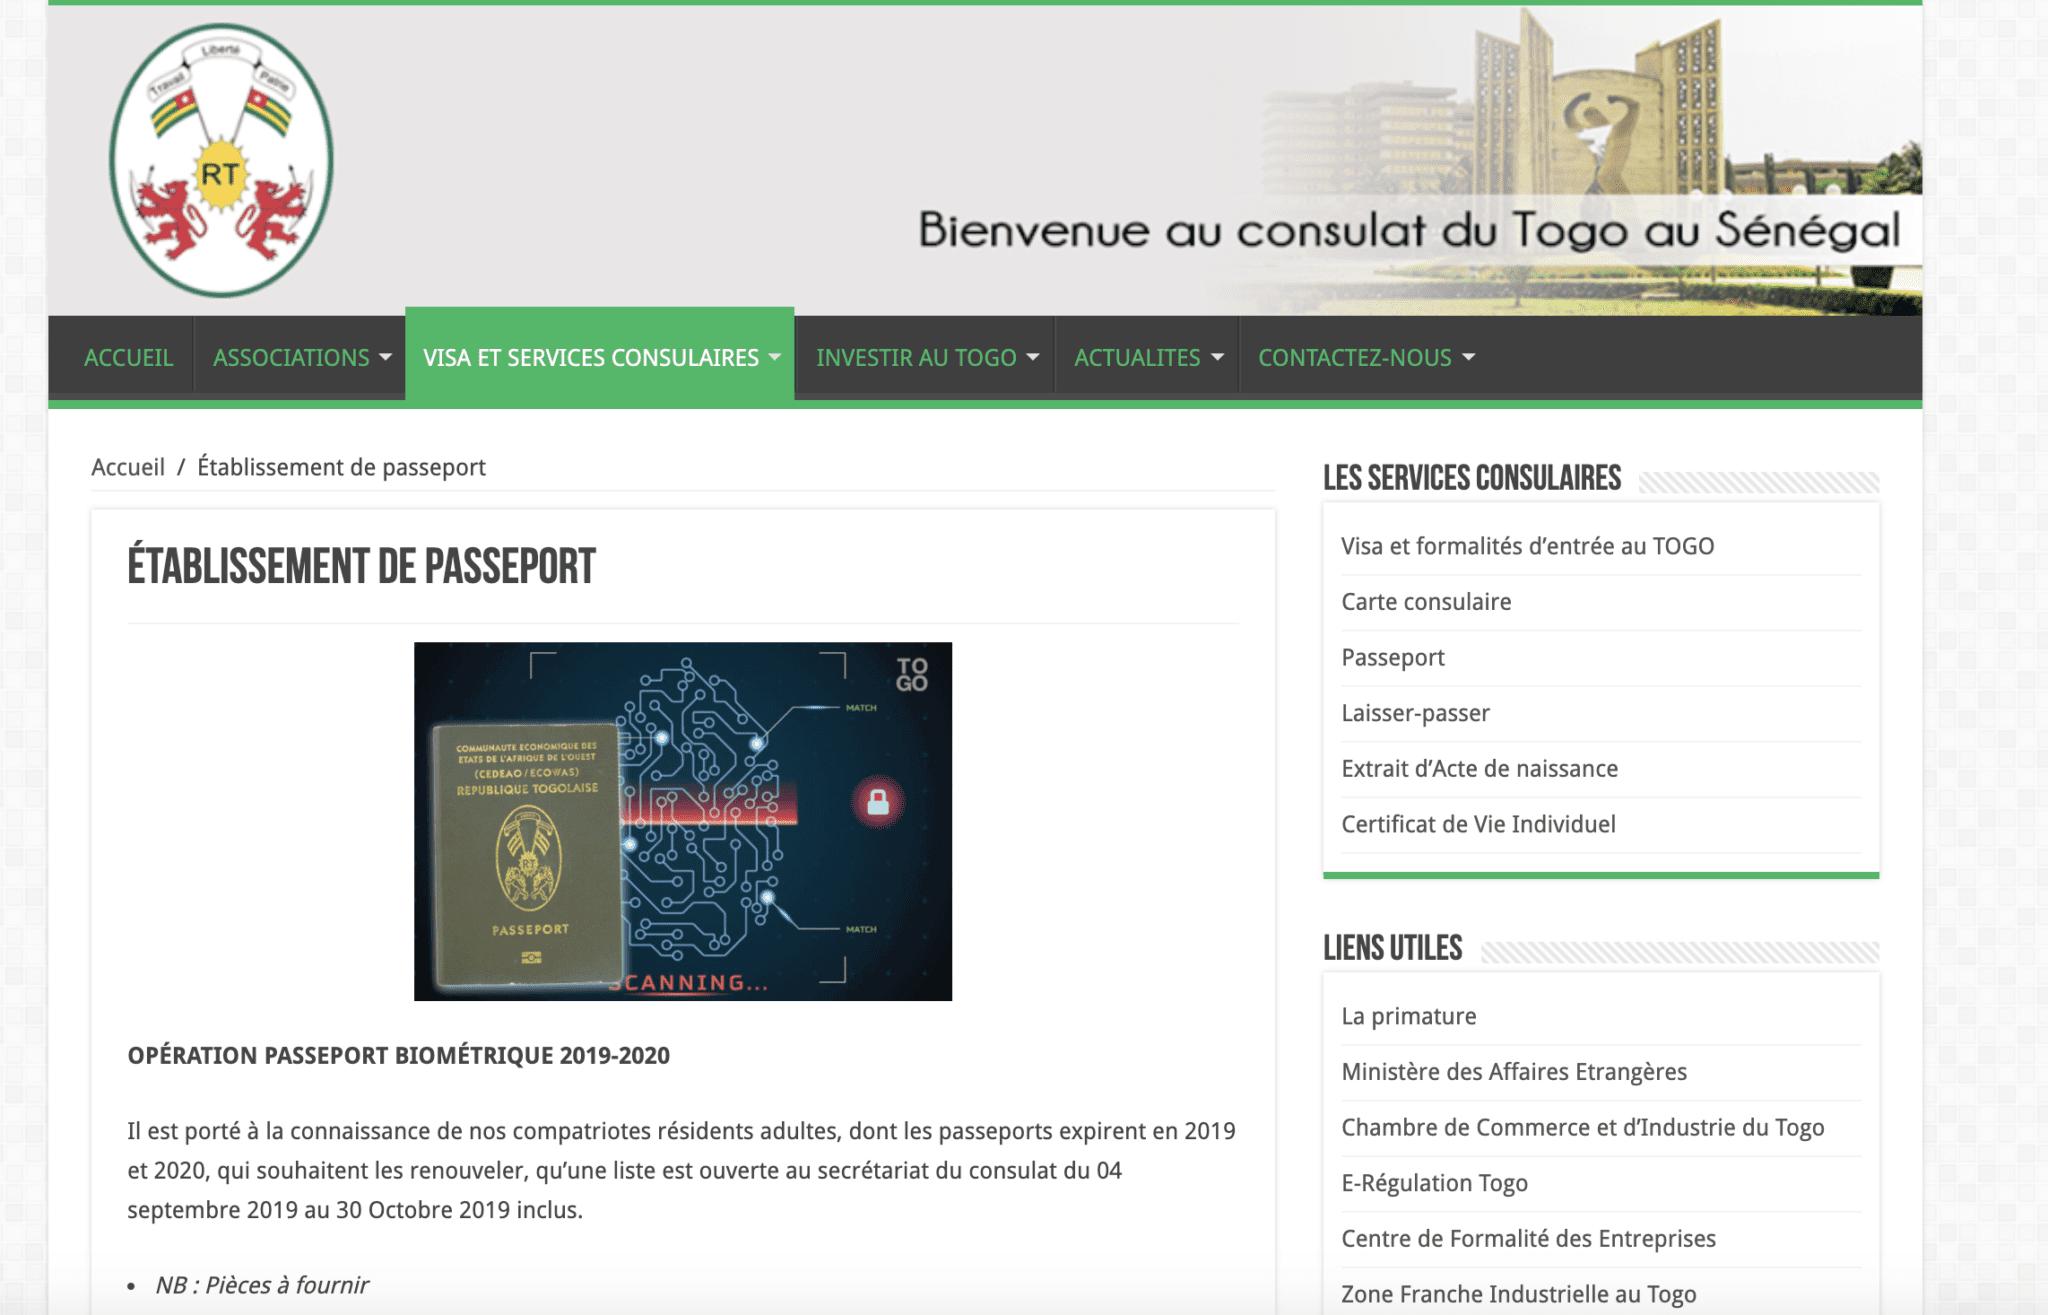 OPÉRATION PASSEPORT BIOMÉTRIQUE 2019-2020 CONSULAT TOGO AU SENEGAL